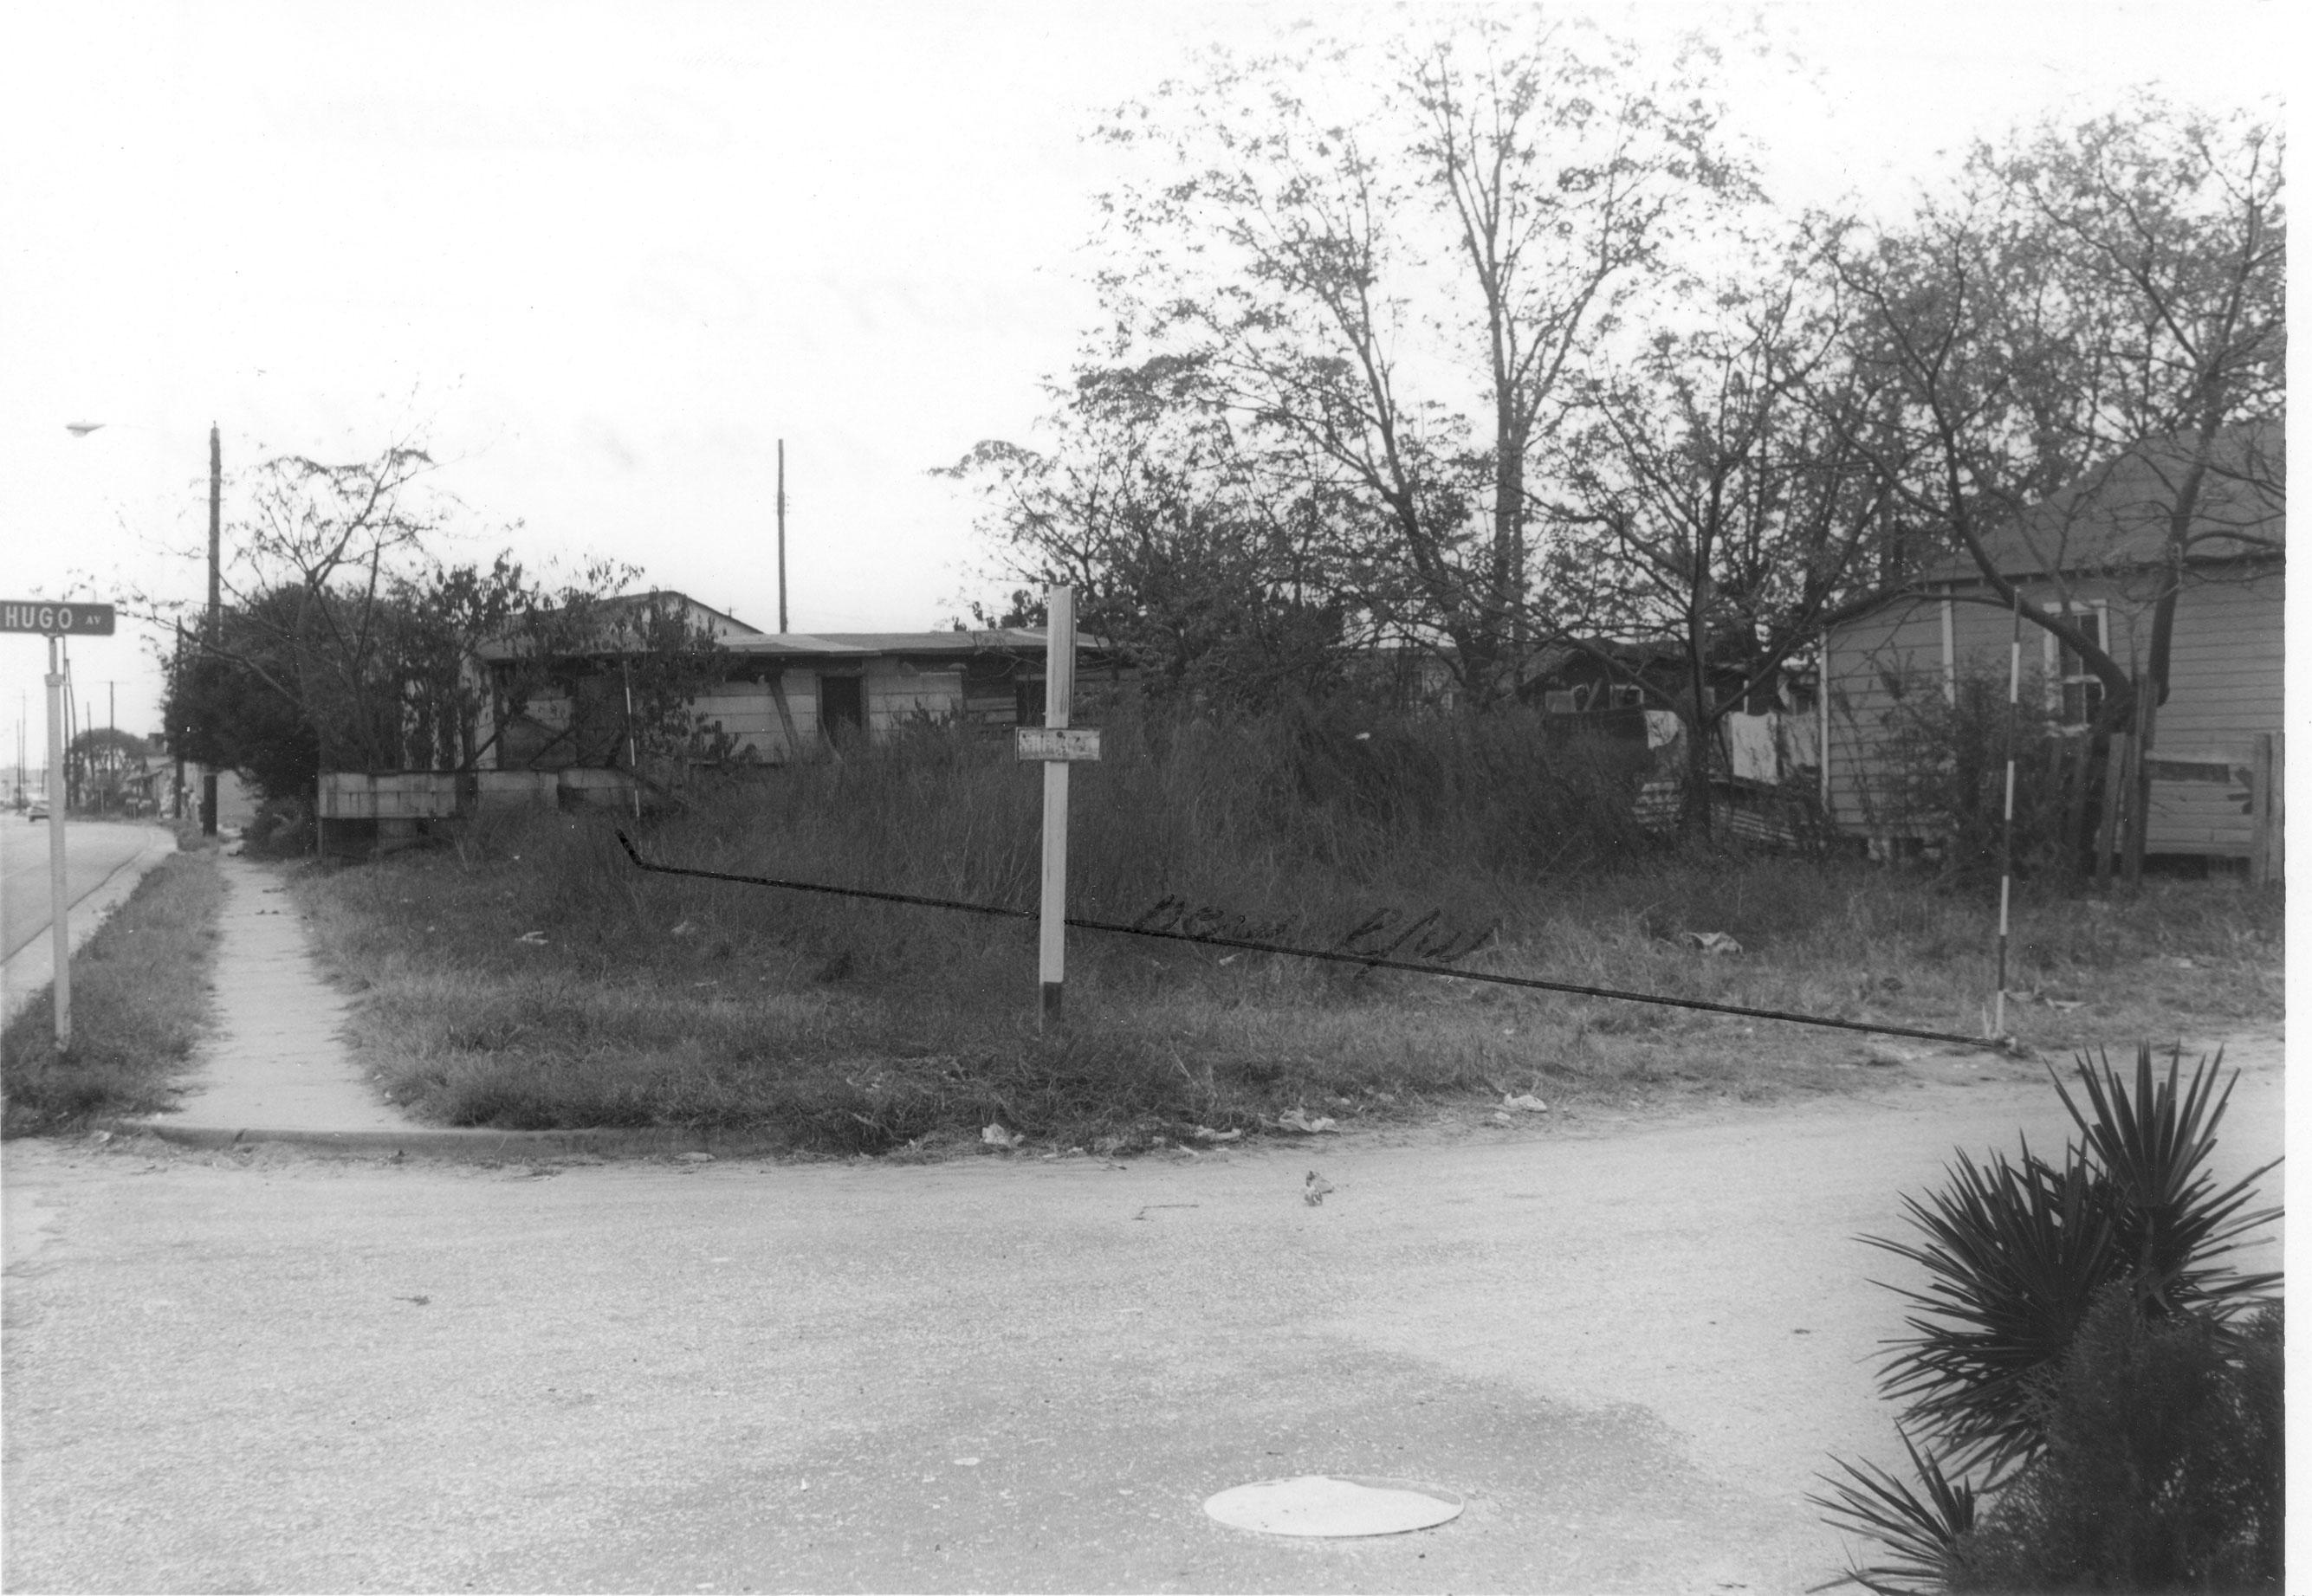 I-26 Photo 1104